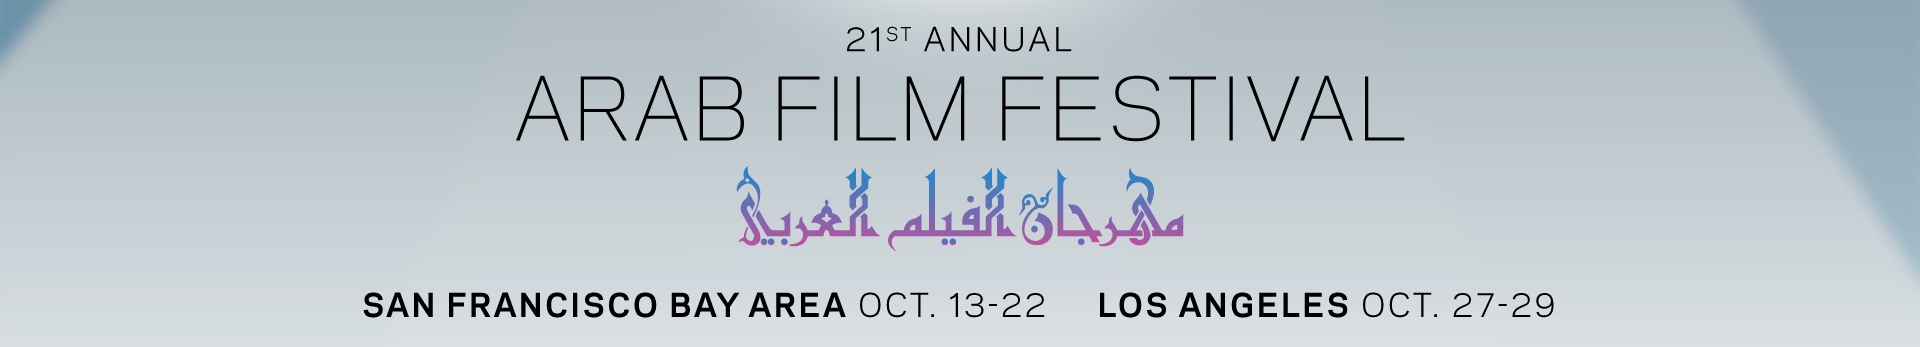 21st Arab Film Festival